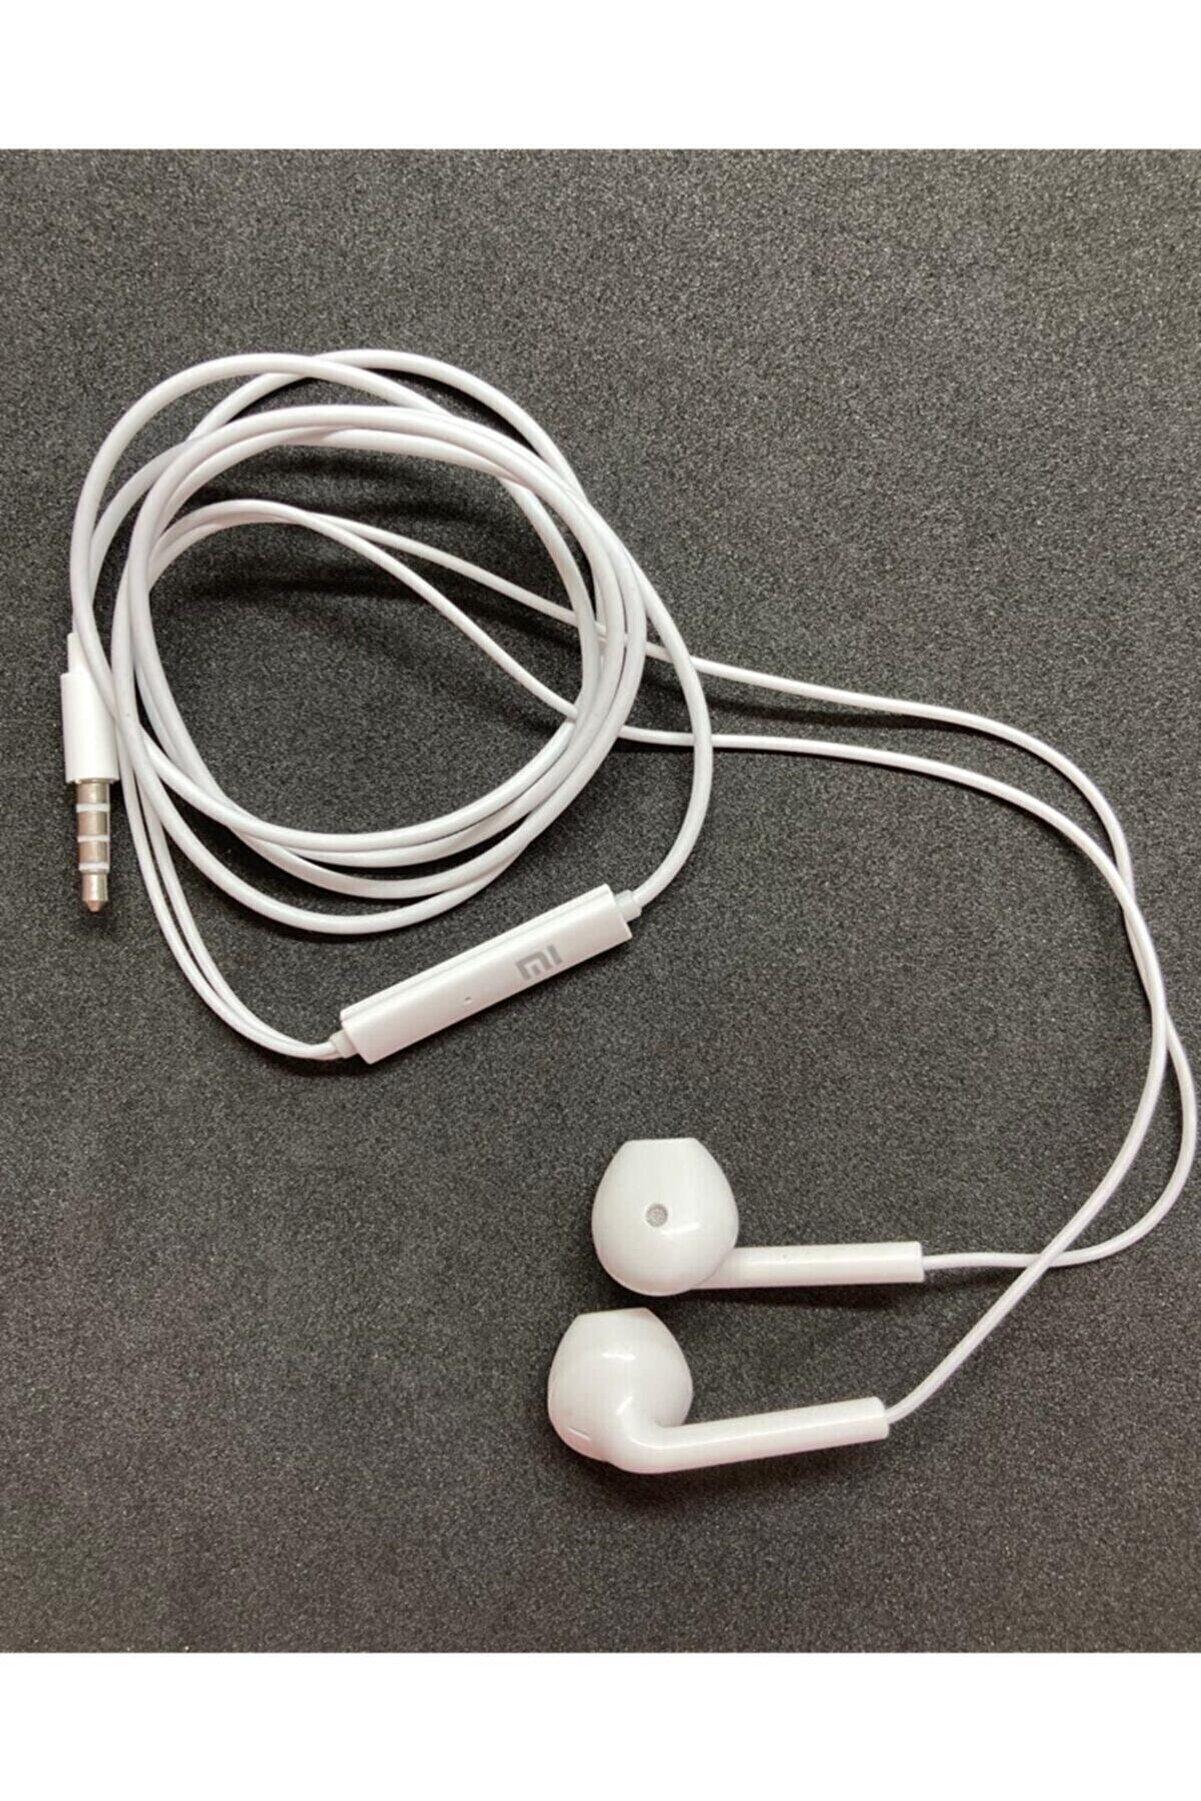 dgn iletişim Xiaomi Kablolu Kulaklık